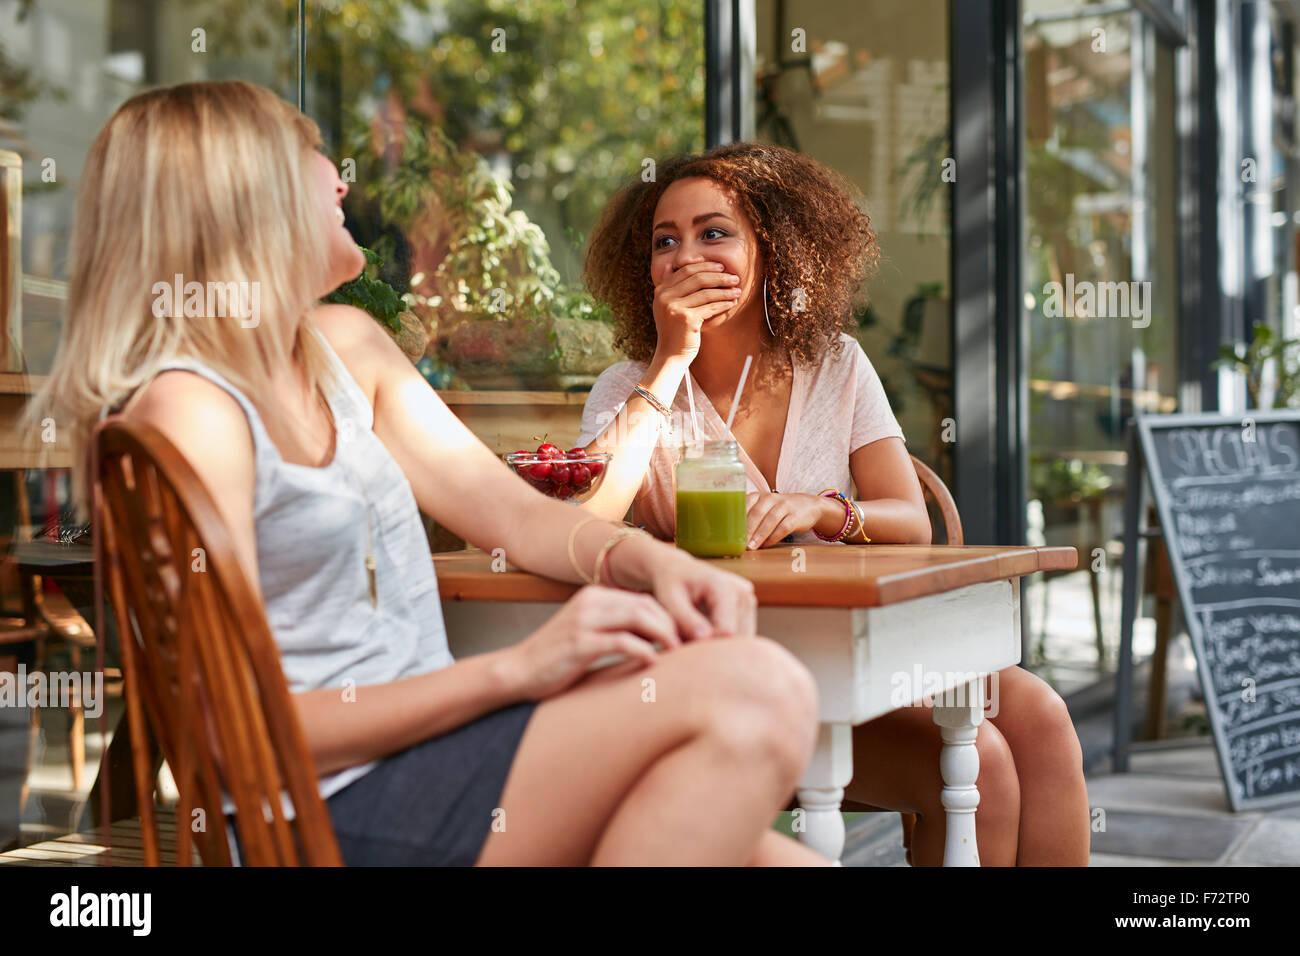 Due ragazze in chat e ridere mentre al cafè sul marciapiede. Amici di sesso femminile che condividono alcuni Immagini Stock